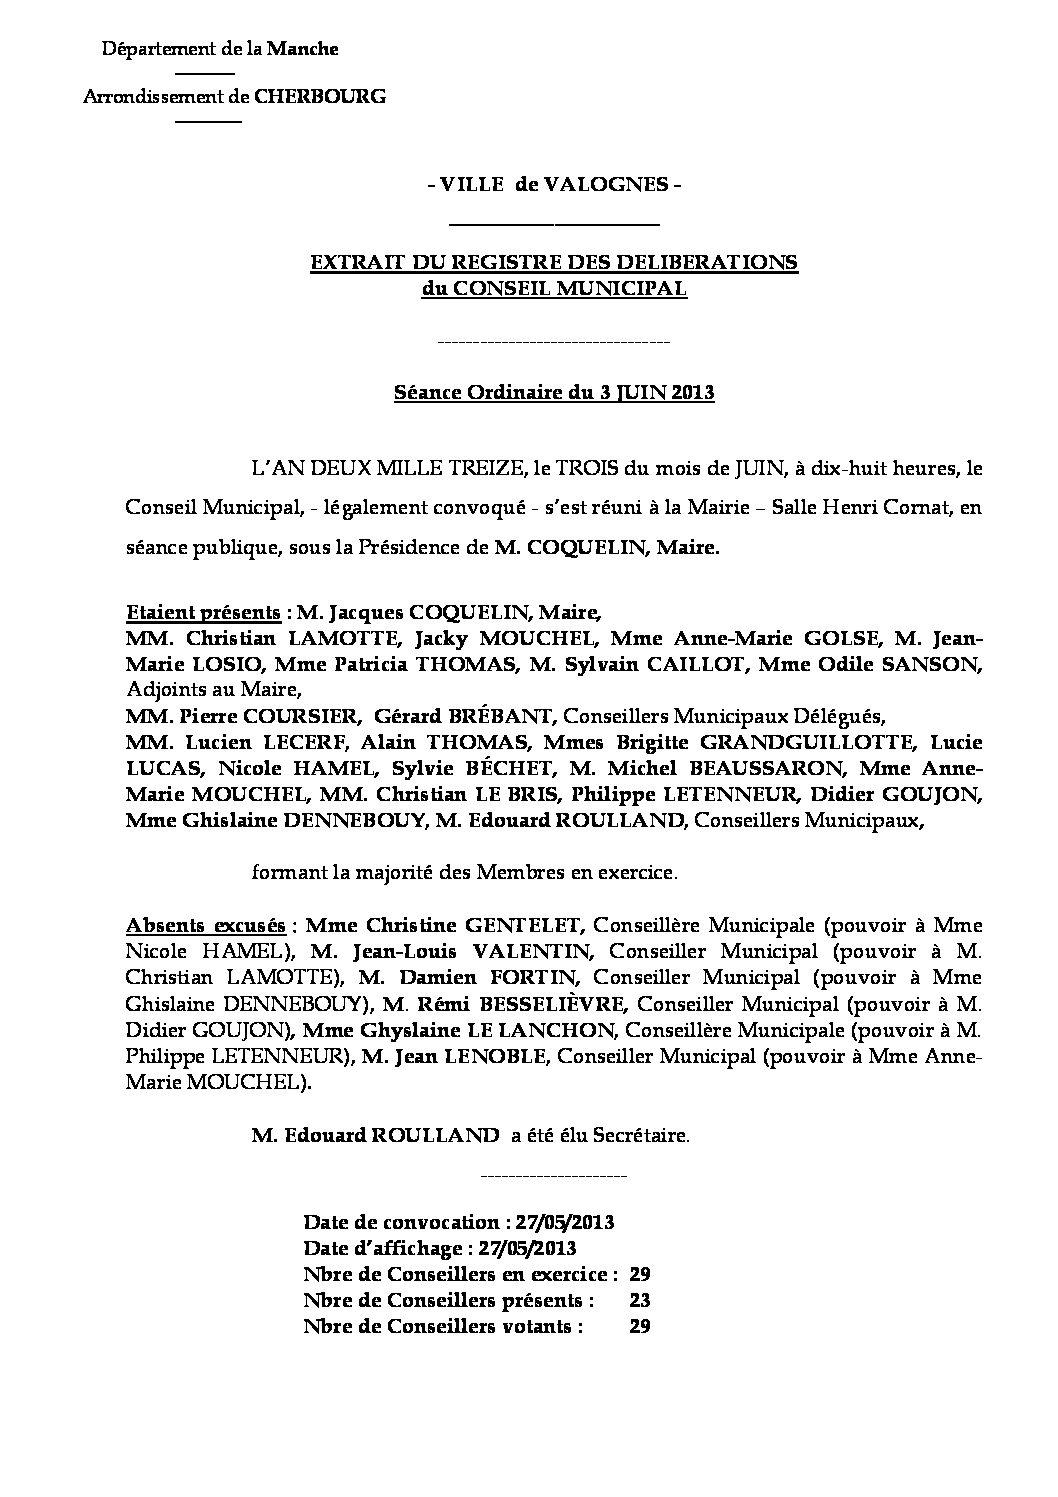 Extrait du registre des délibérations du 03-06-2013 - Compte rendu des questions soumises à délibération lors de la séance du Conseil Municipal du 3 juin 2013.